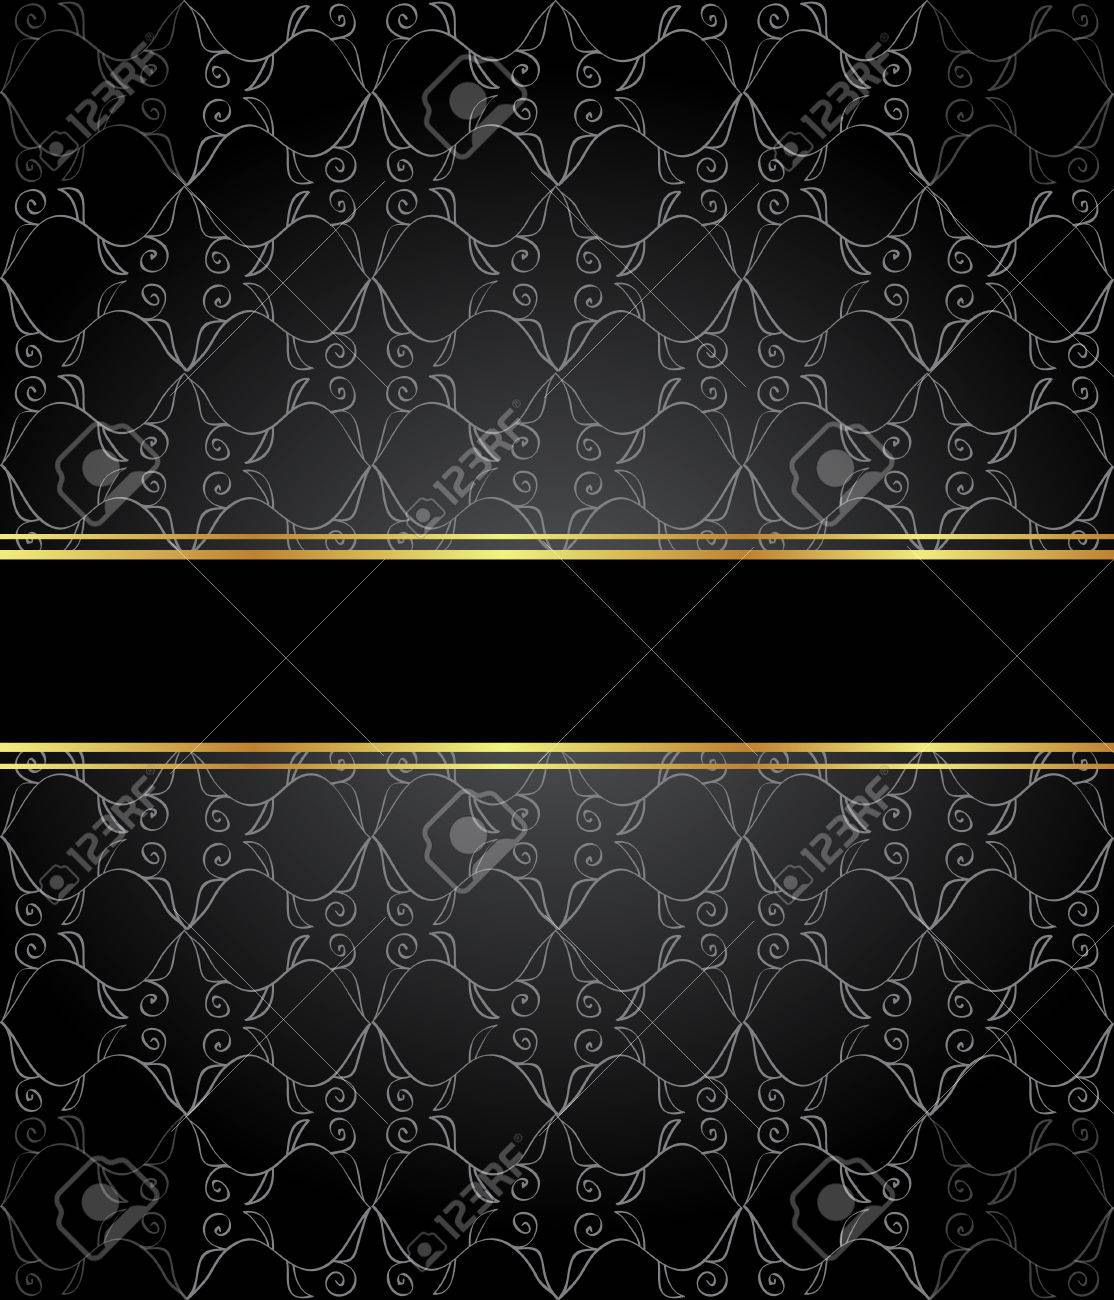 84854747 elegante tapete mit goldener feiner dekoration und platz f%C3%BCr ihren text layout mit platz f%C3%BCr klassische einlad - Elegante Tapete